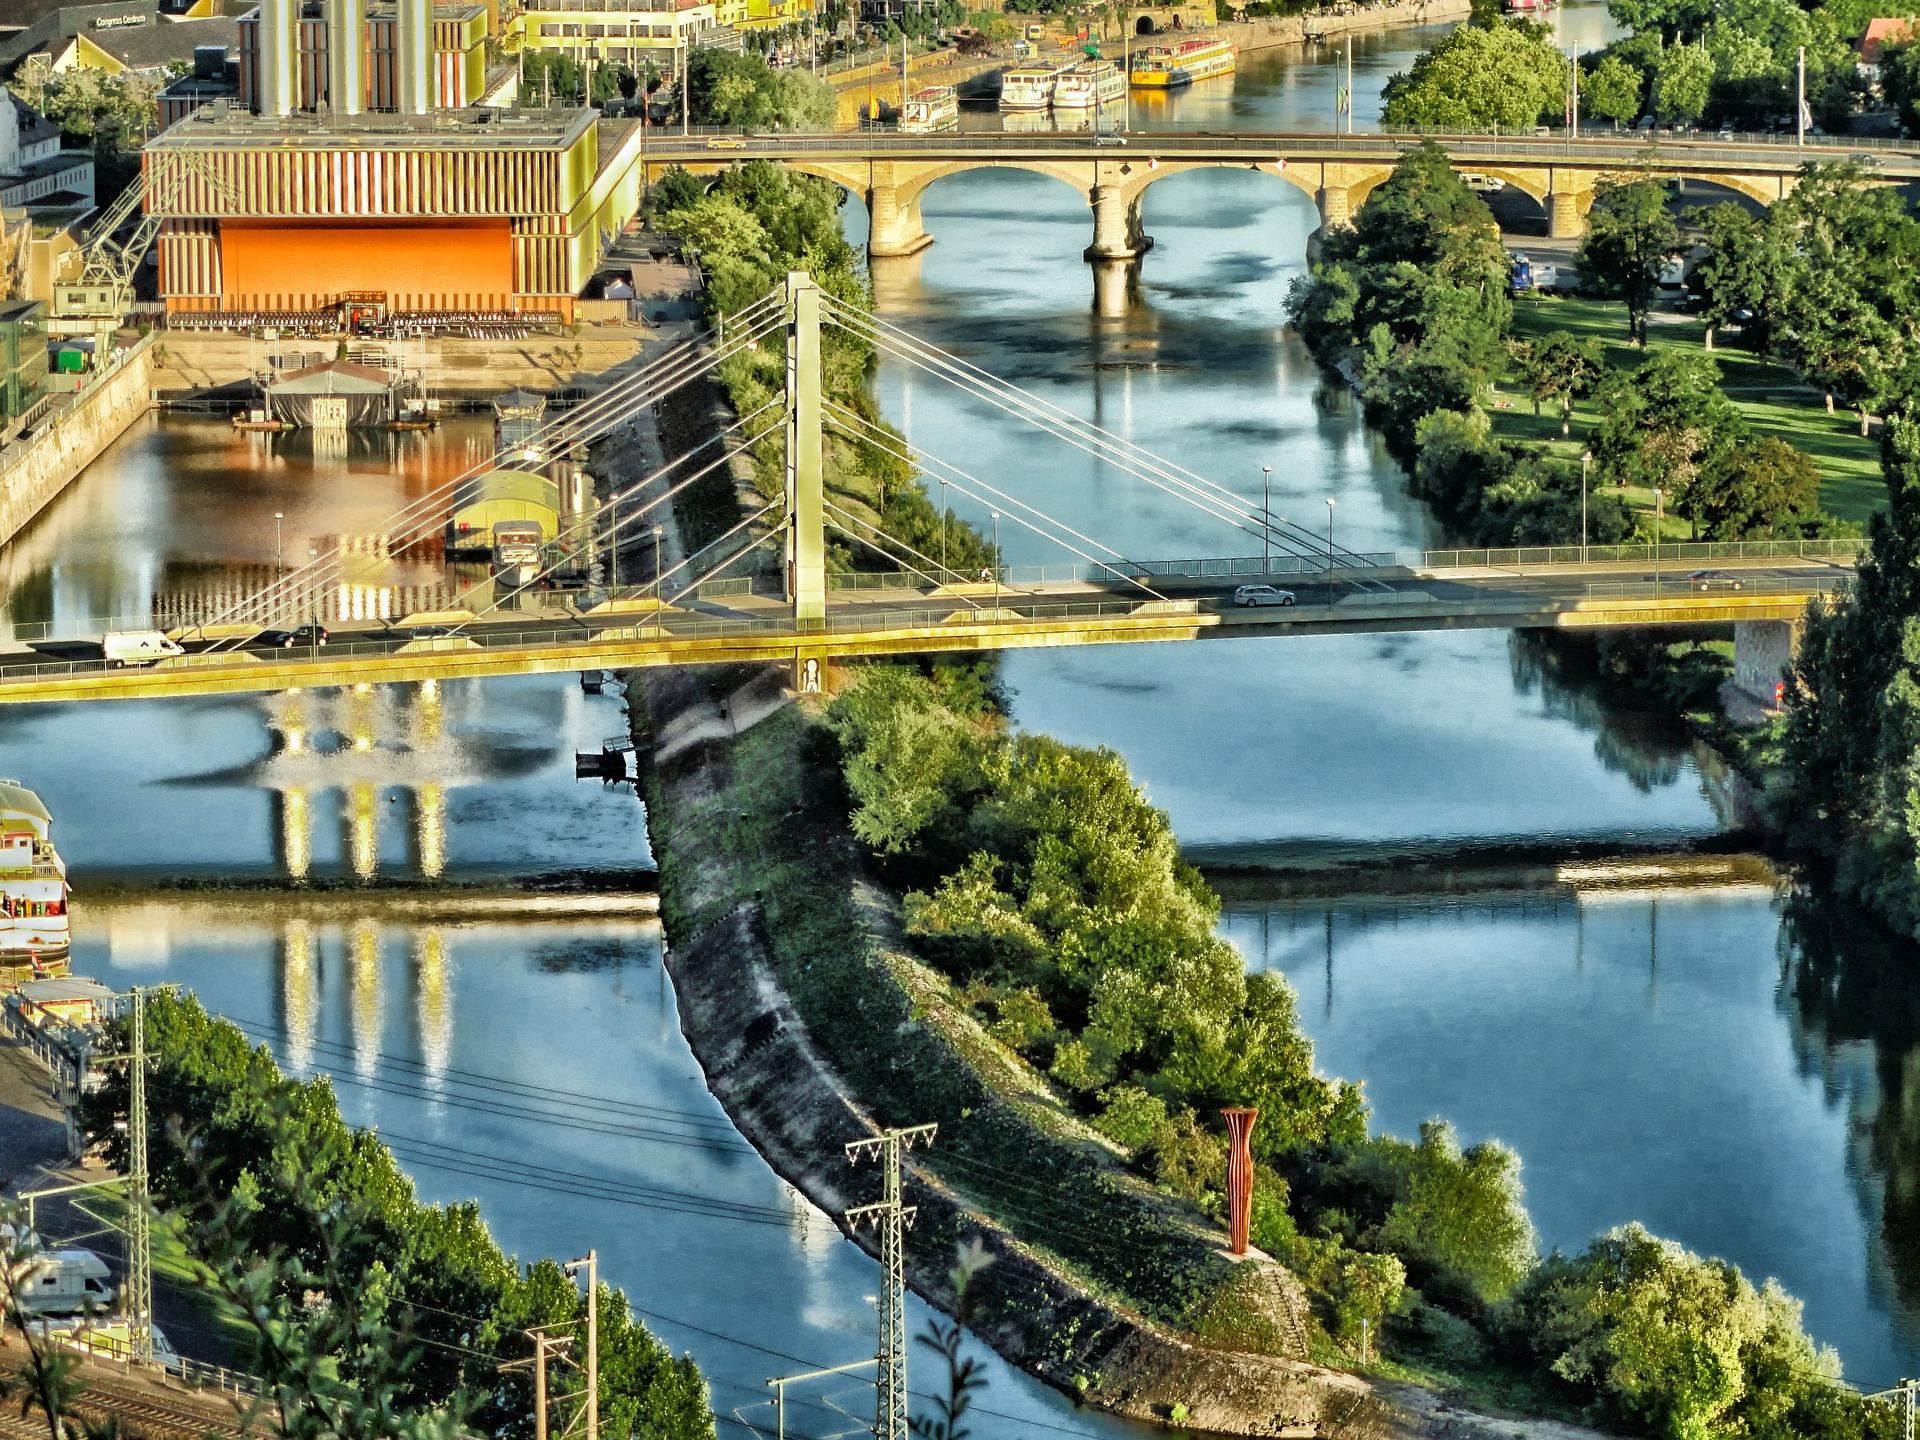 Blick auf zwei Flussarme die von Brücken überspannt werden